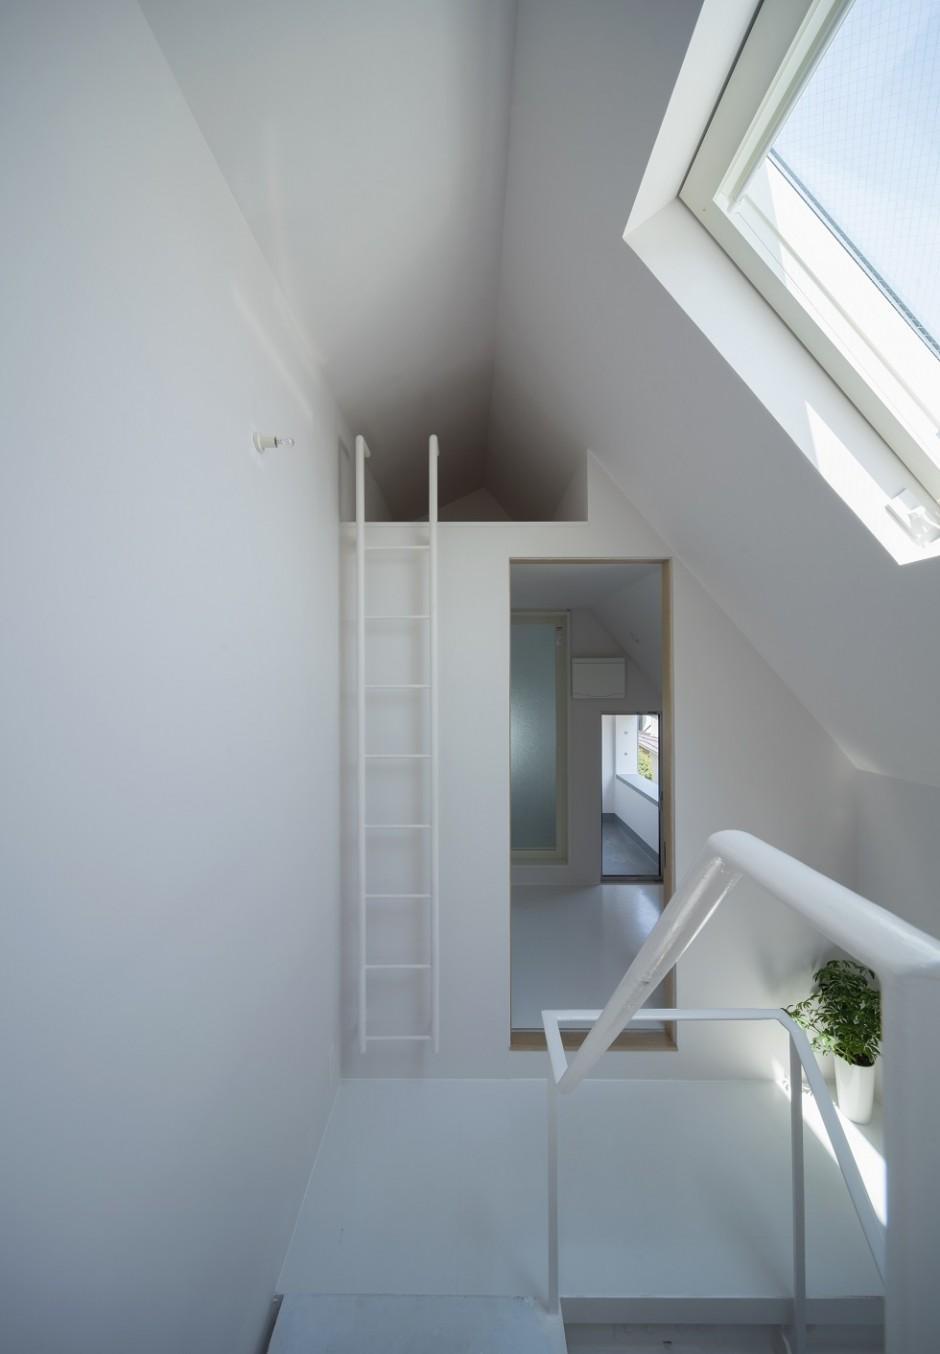 ミナミセンゾクのいえの部屋 階段・ロフト